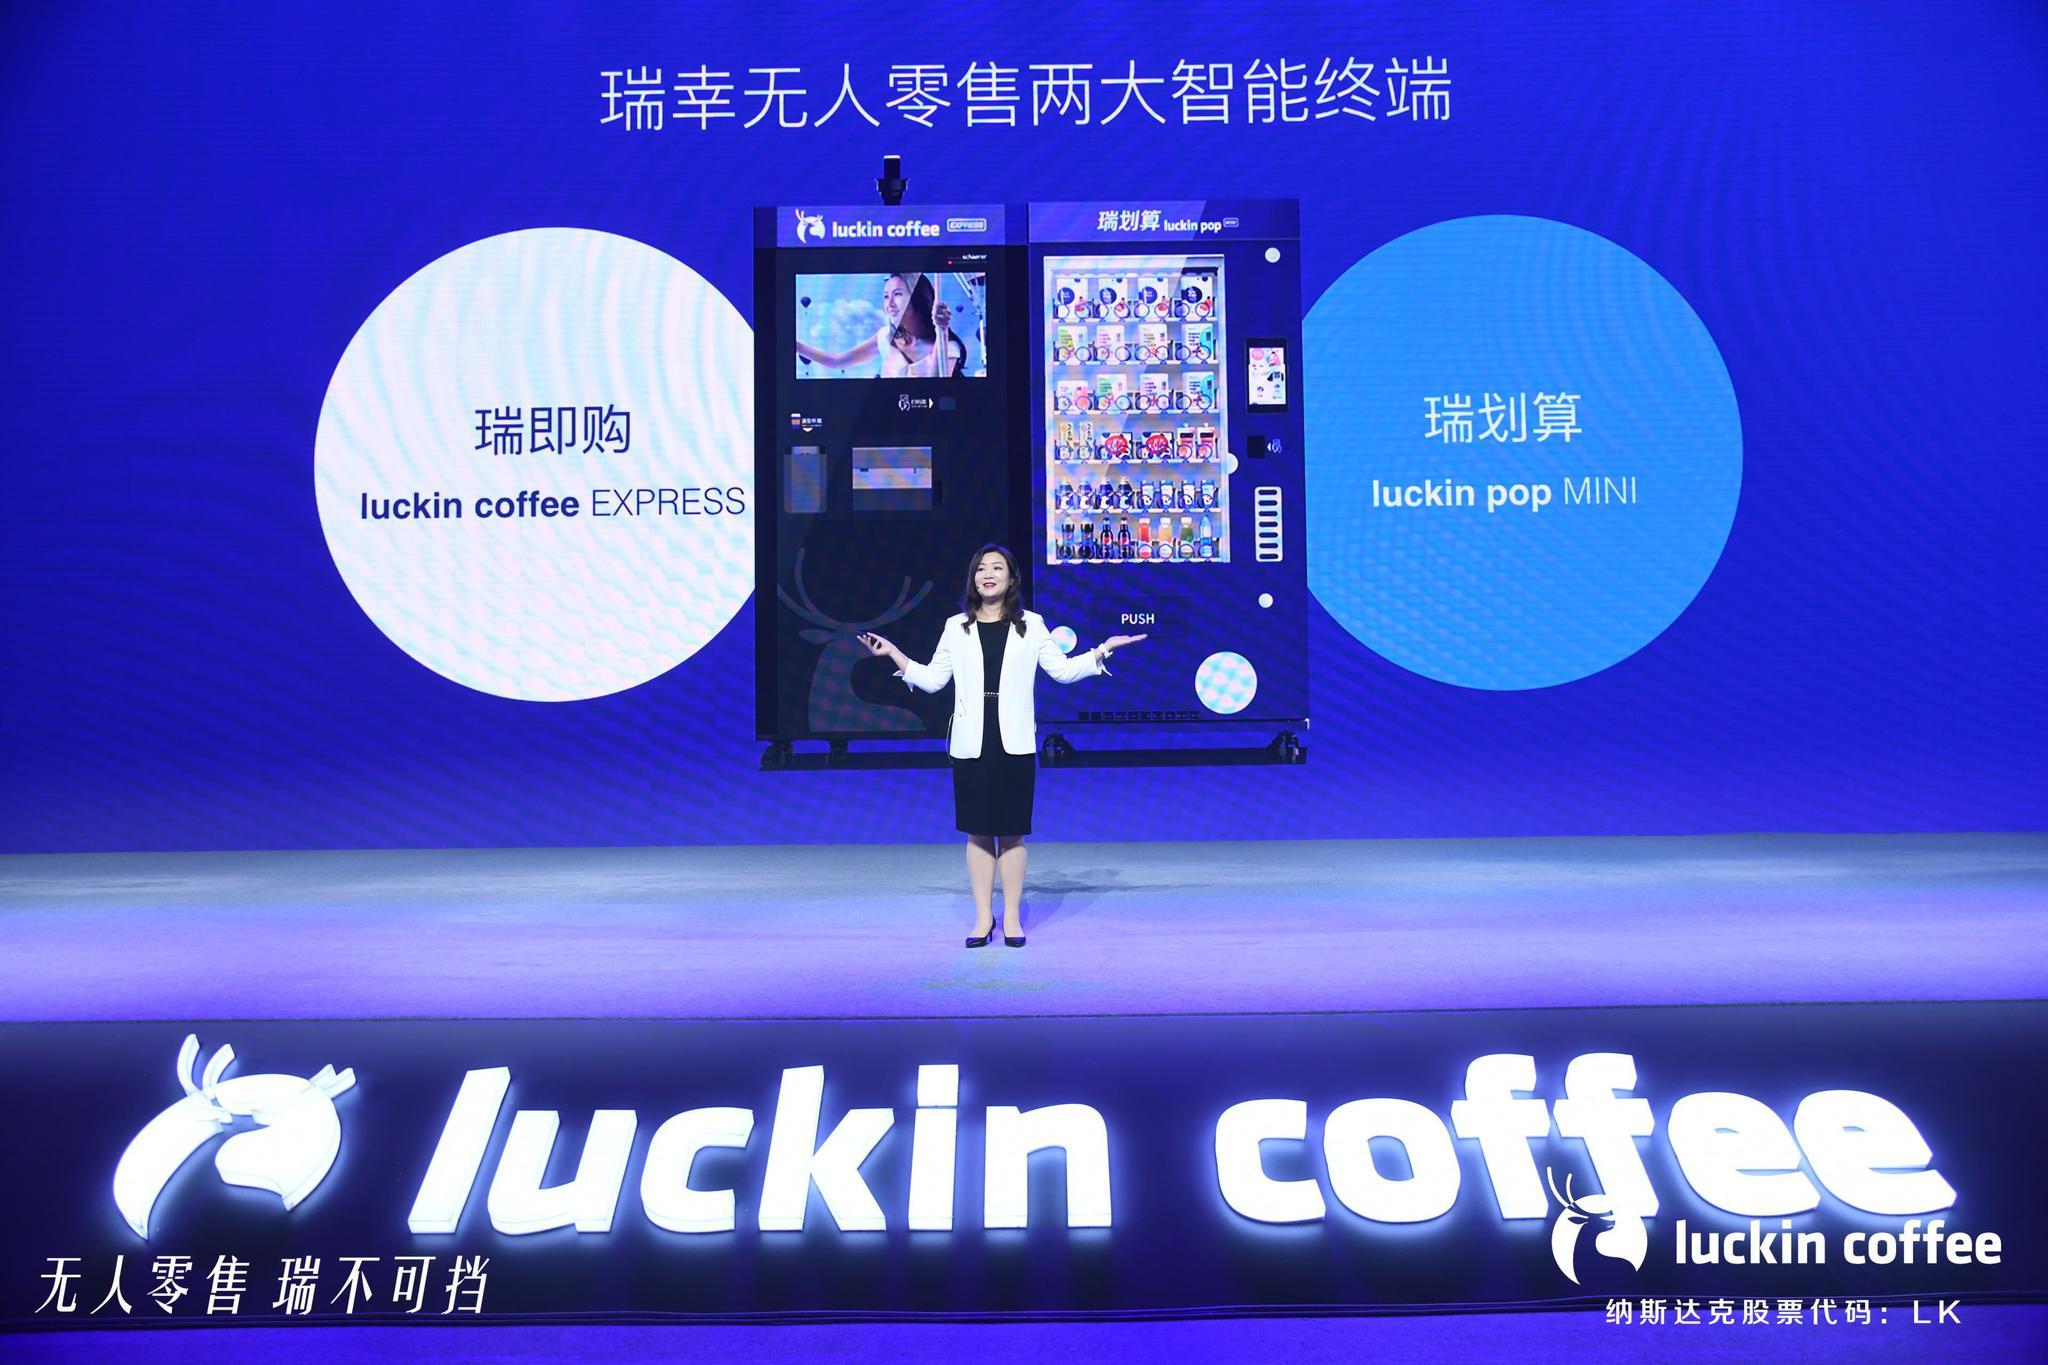 直营门店数量达4507家后,瑞幸咖啡开启无人零售战略